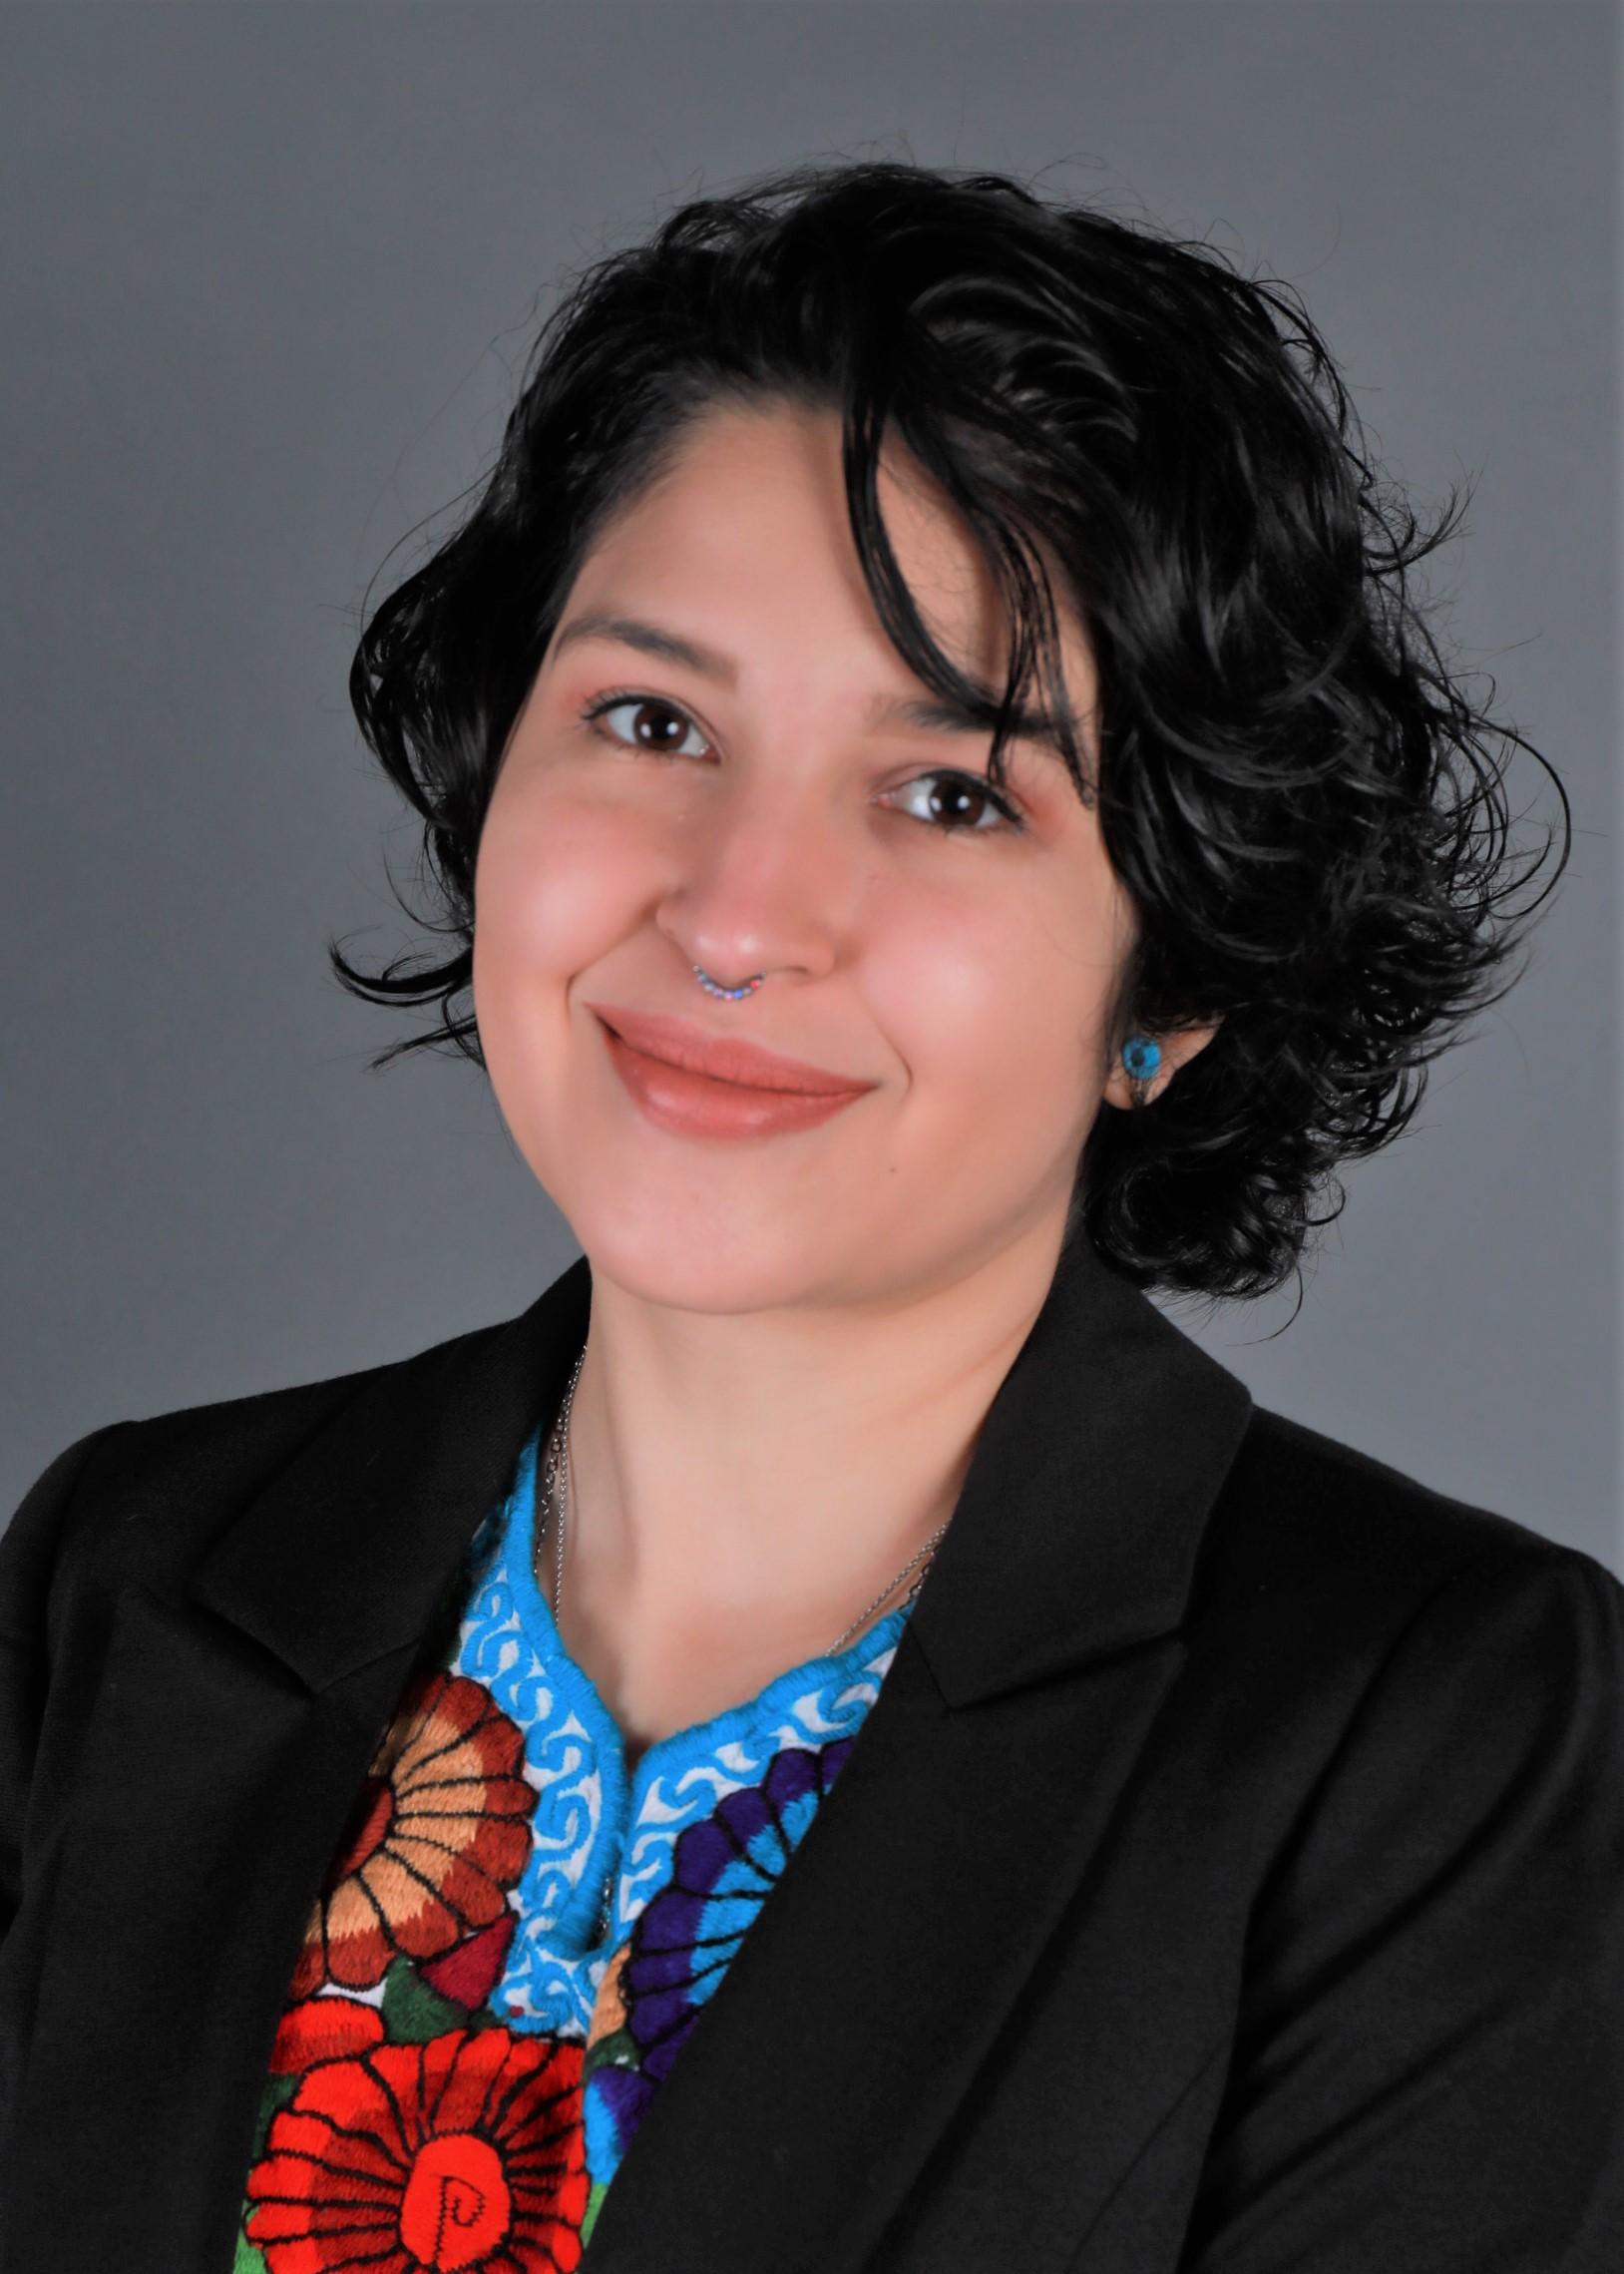 Director Maria Hinojos Pressey